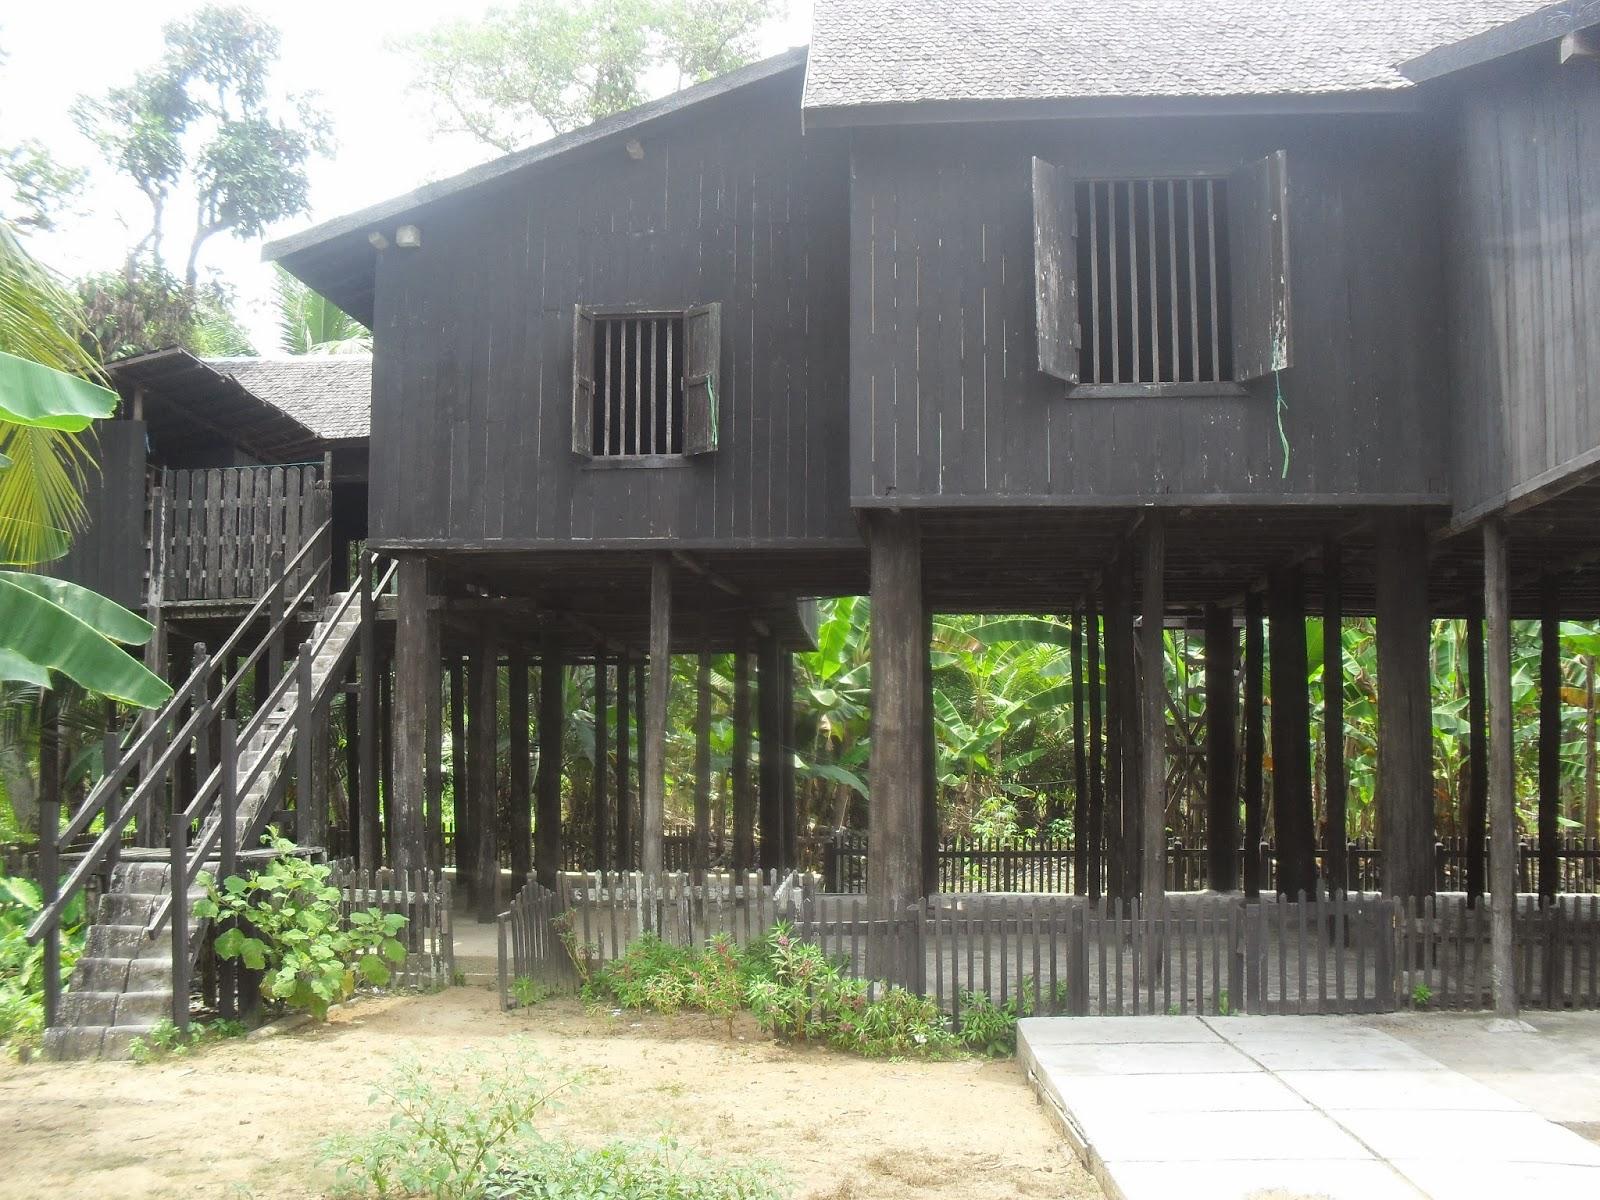 Mahakam24 Rumah Betang Desa Buntoi Mendatangi Terkesan Ribet Melelahkan Tetapi